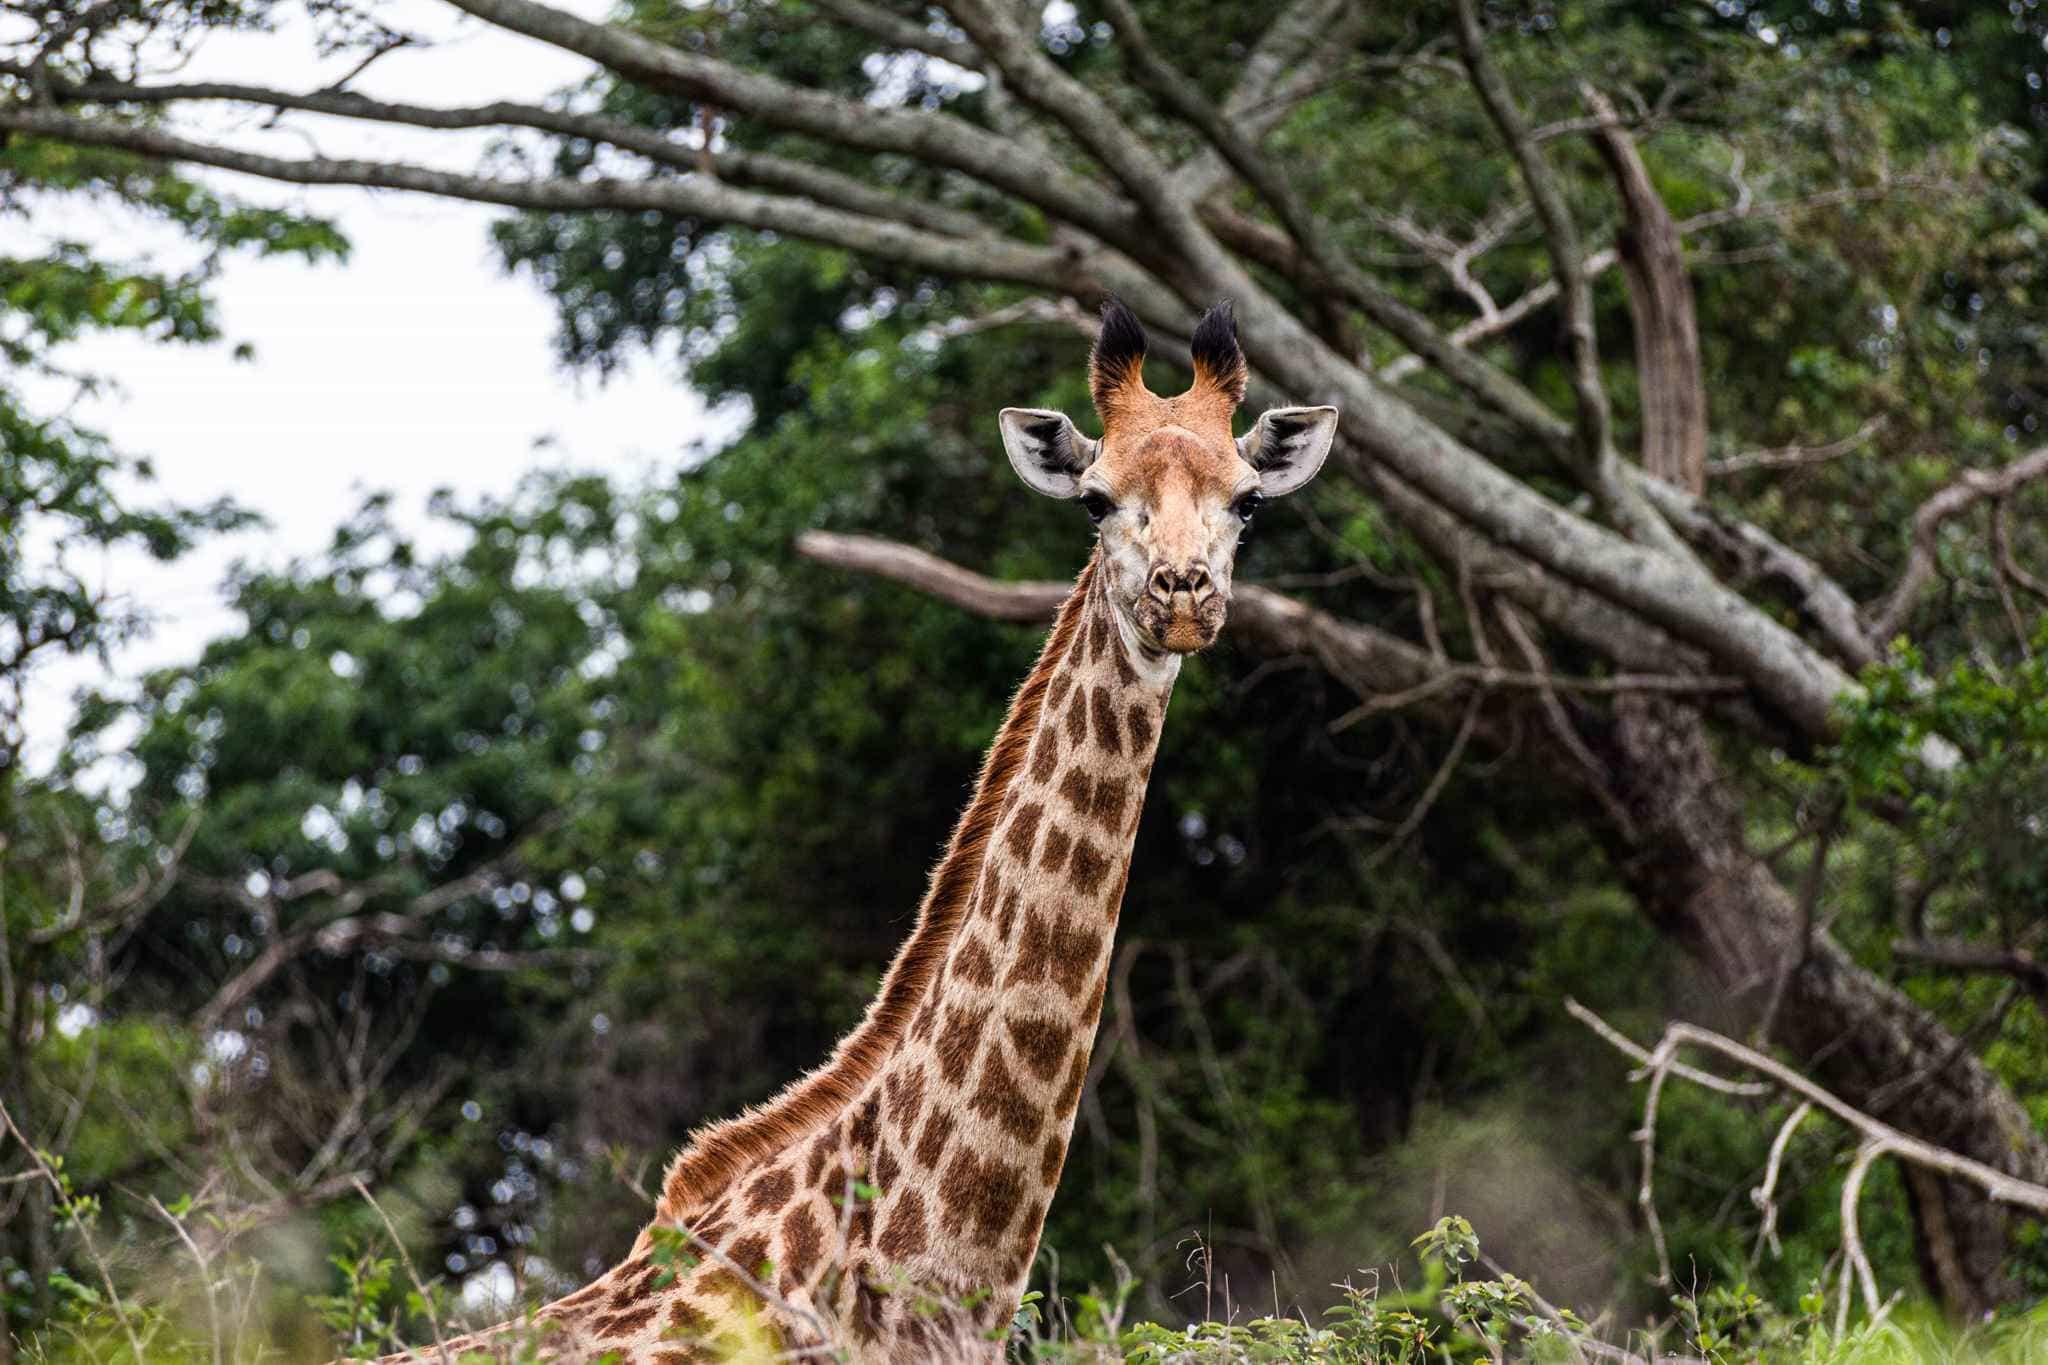 a giraffe stands alone in the bush, staring into the camera